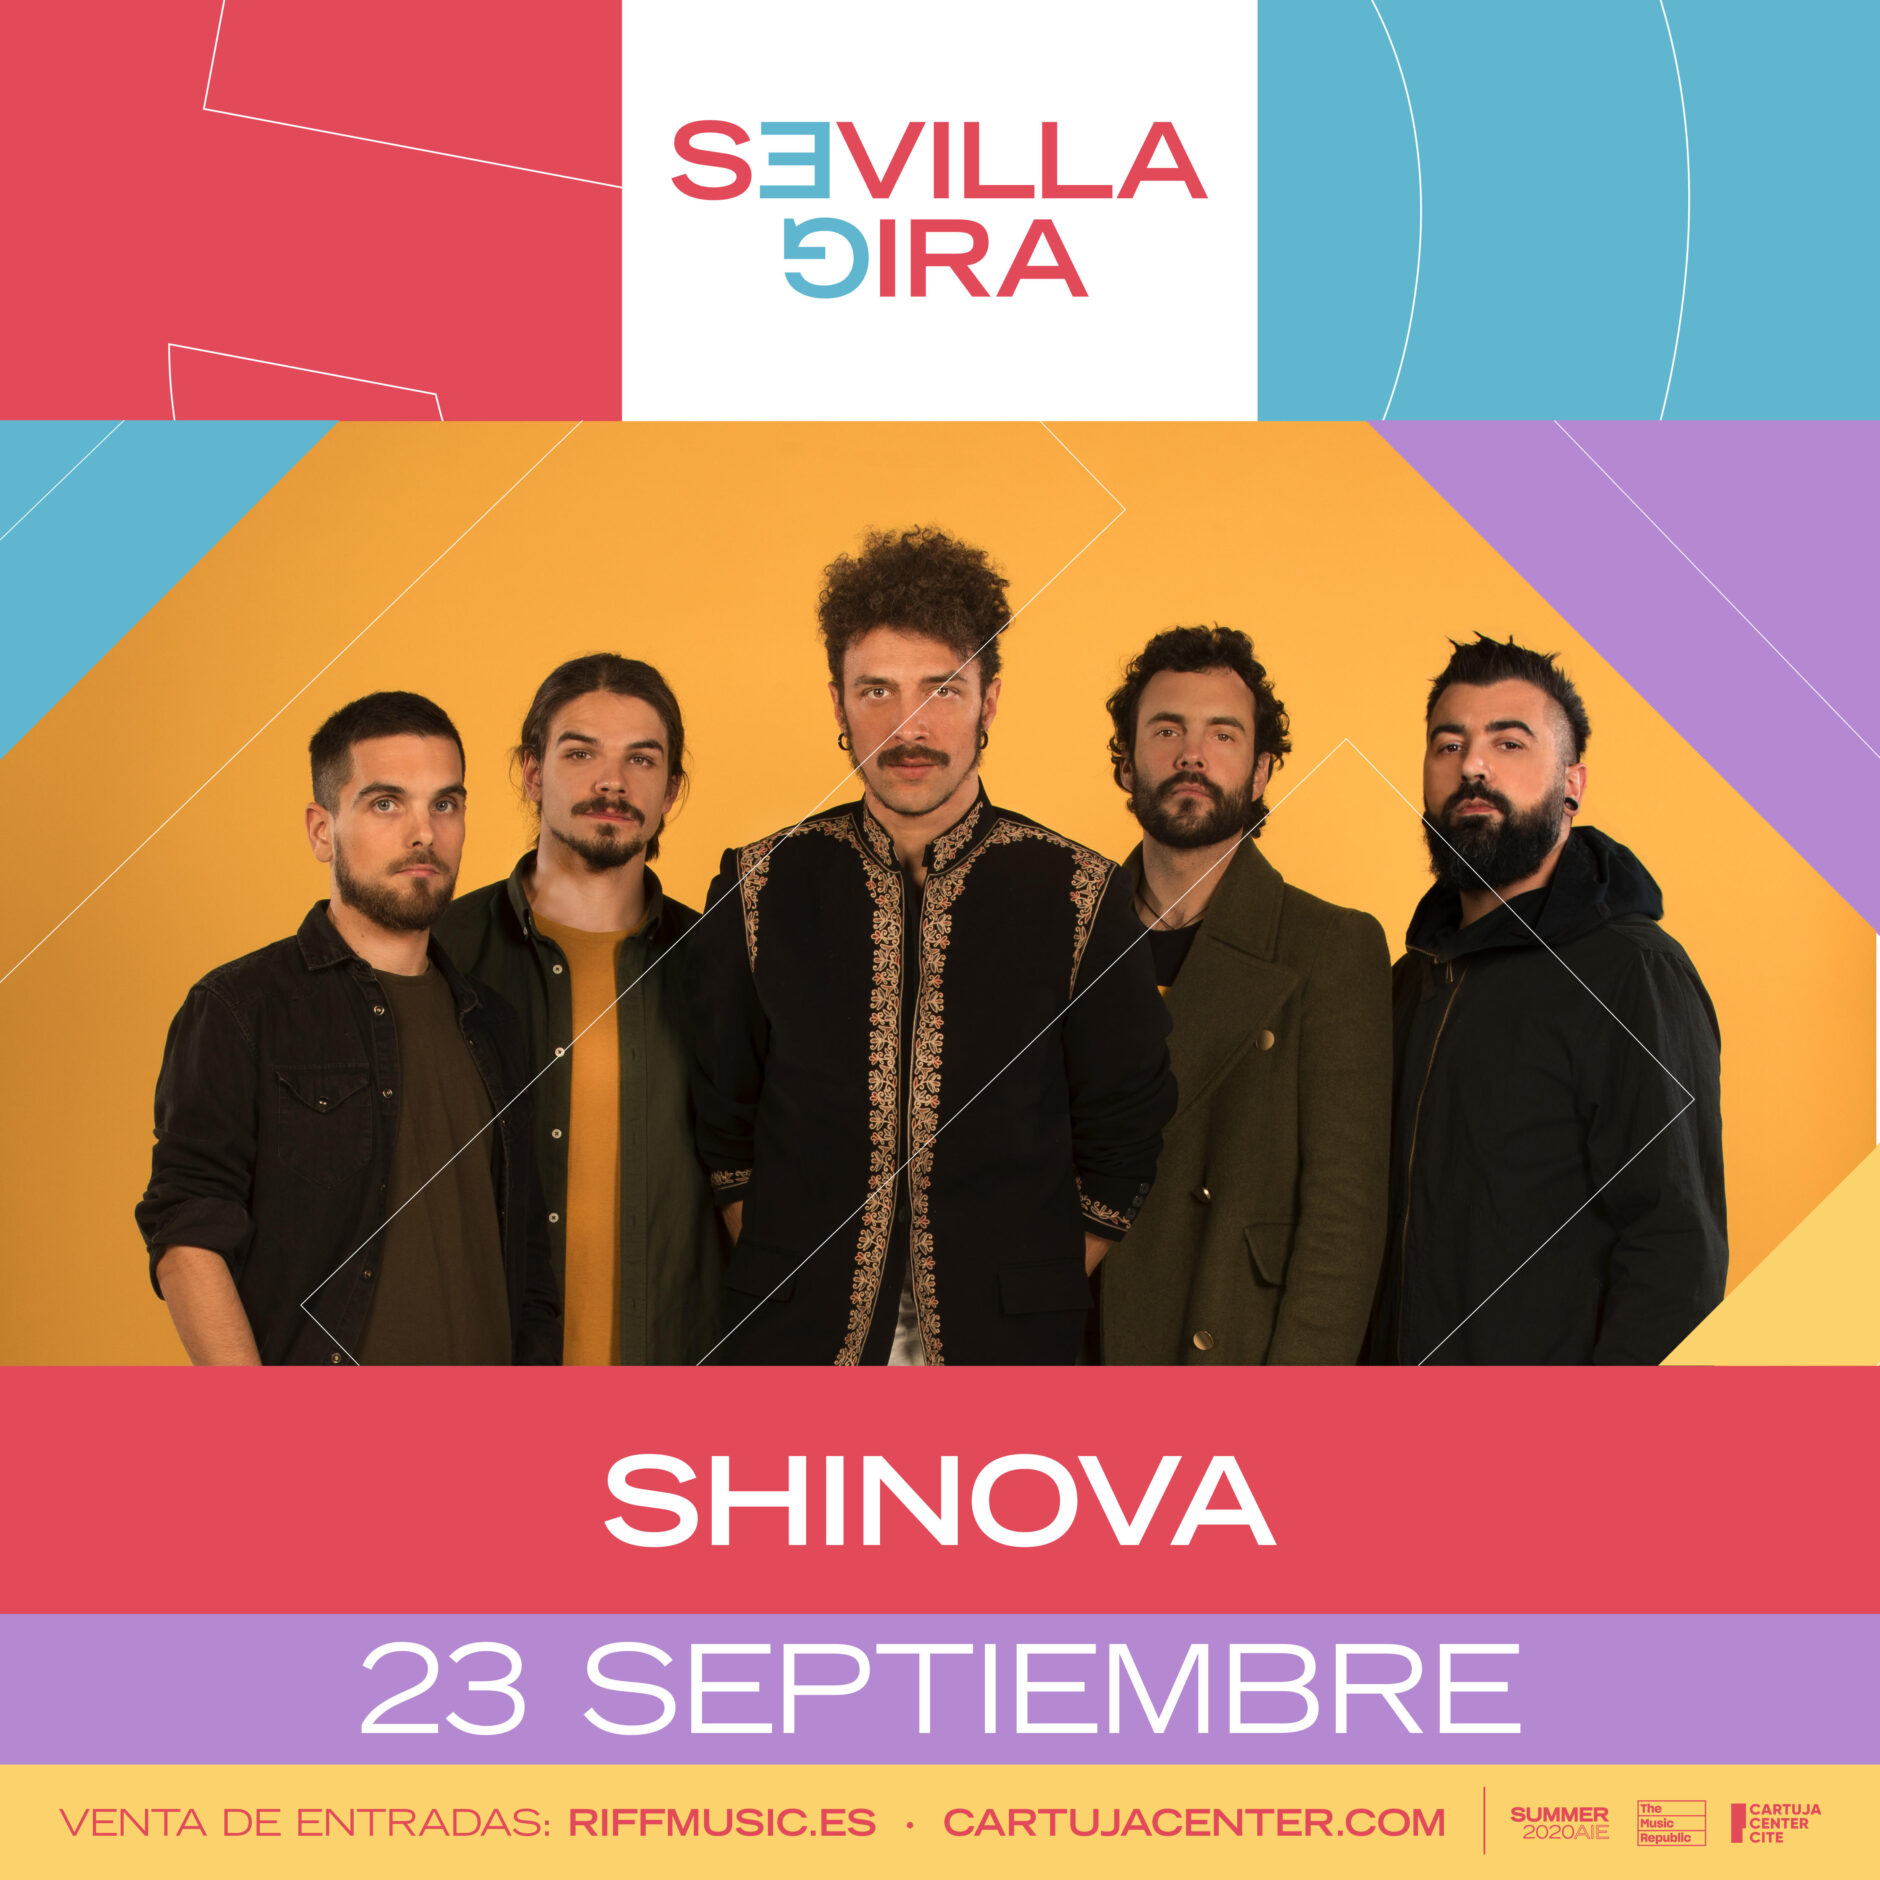 SEVILLA GIRA - SHINOVA 1